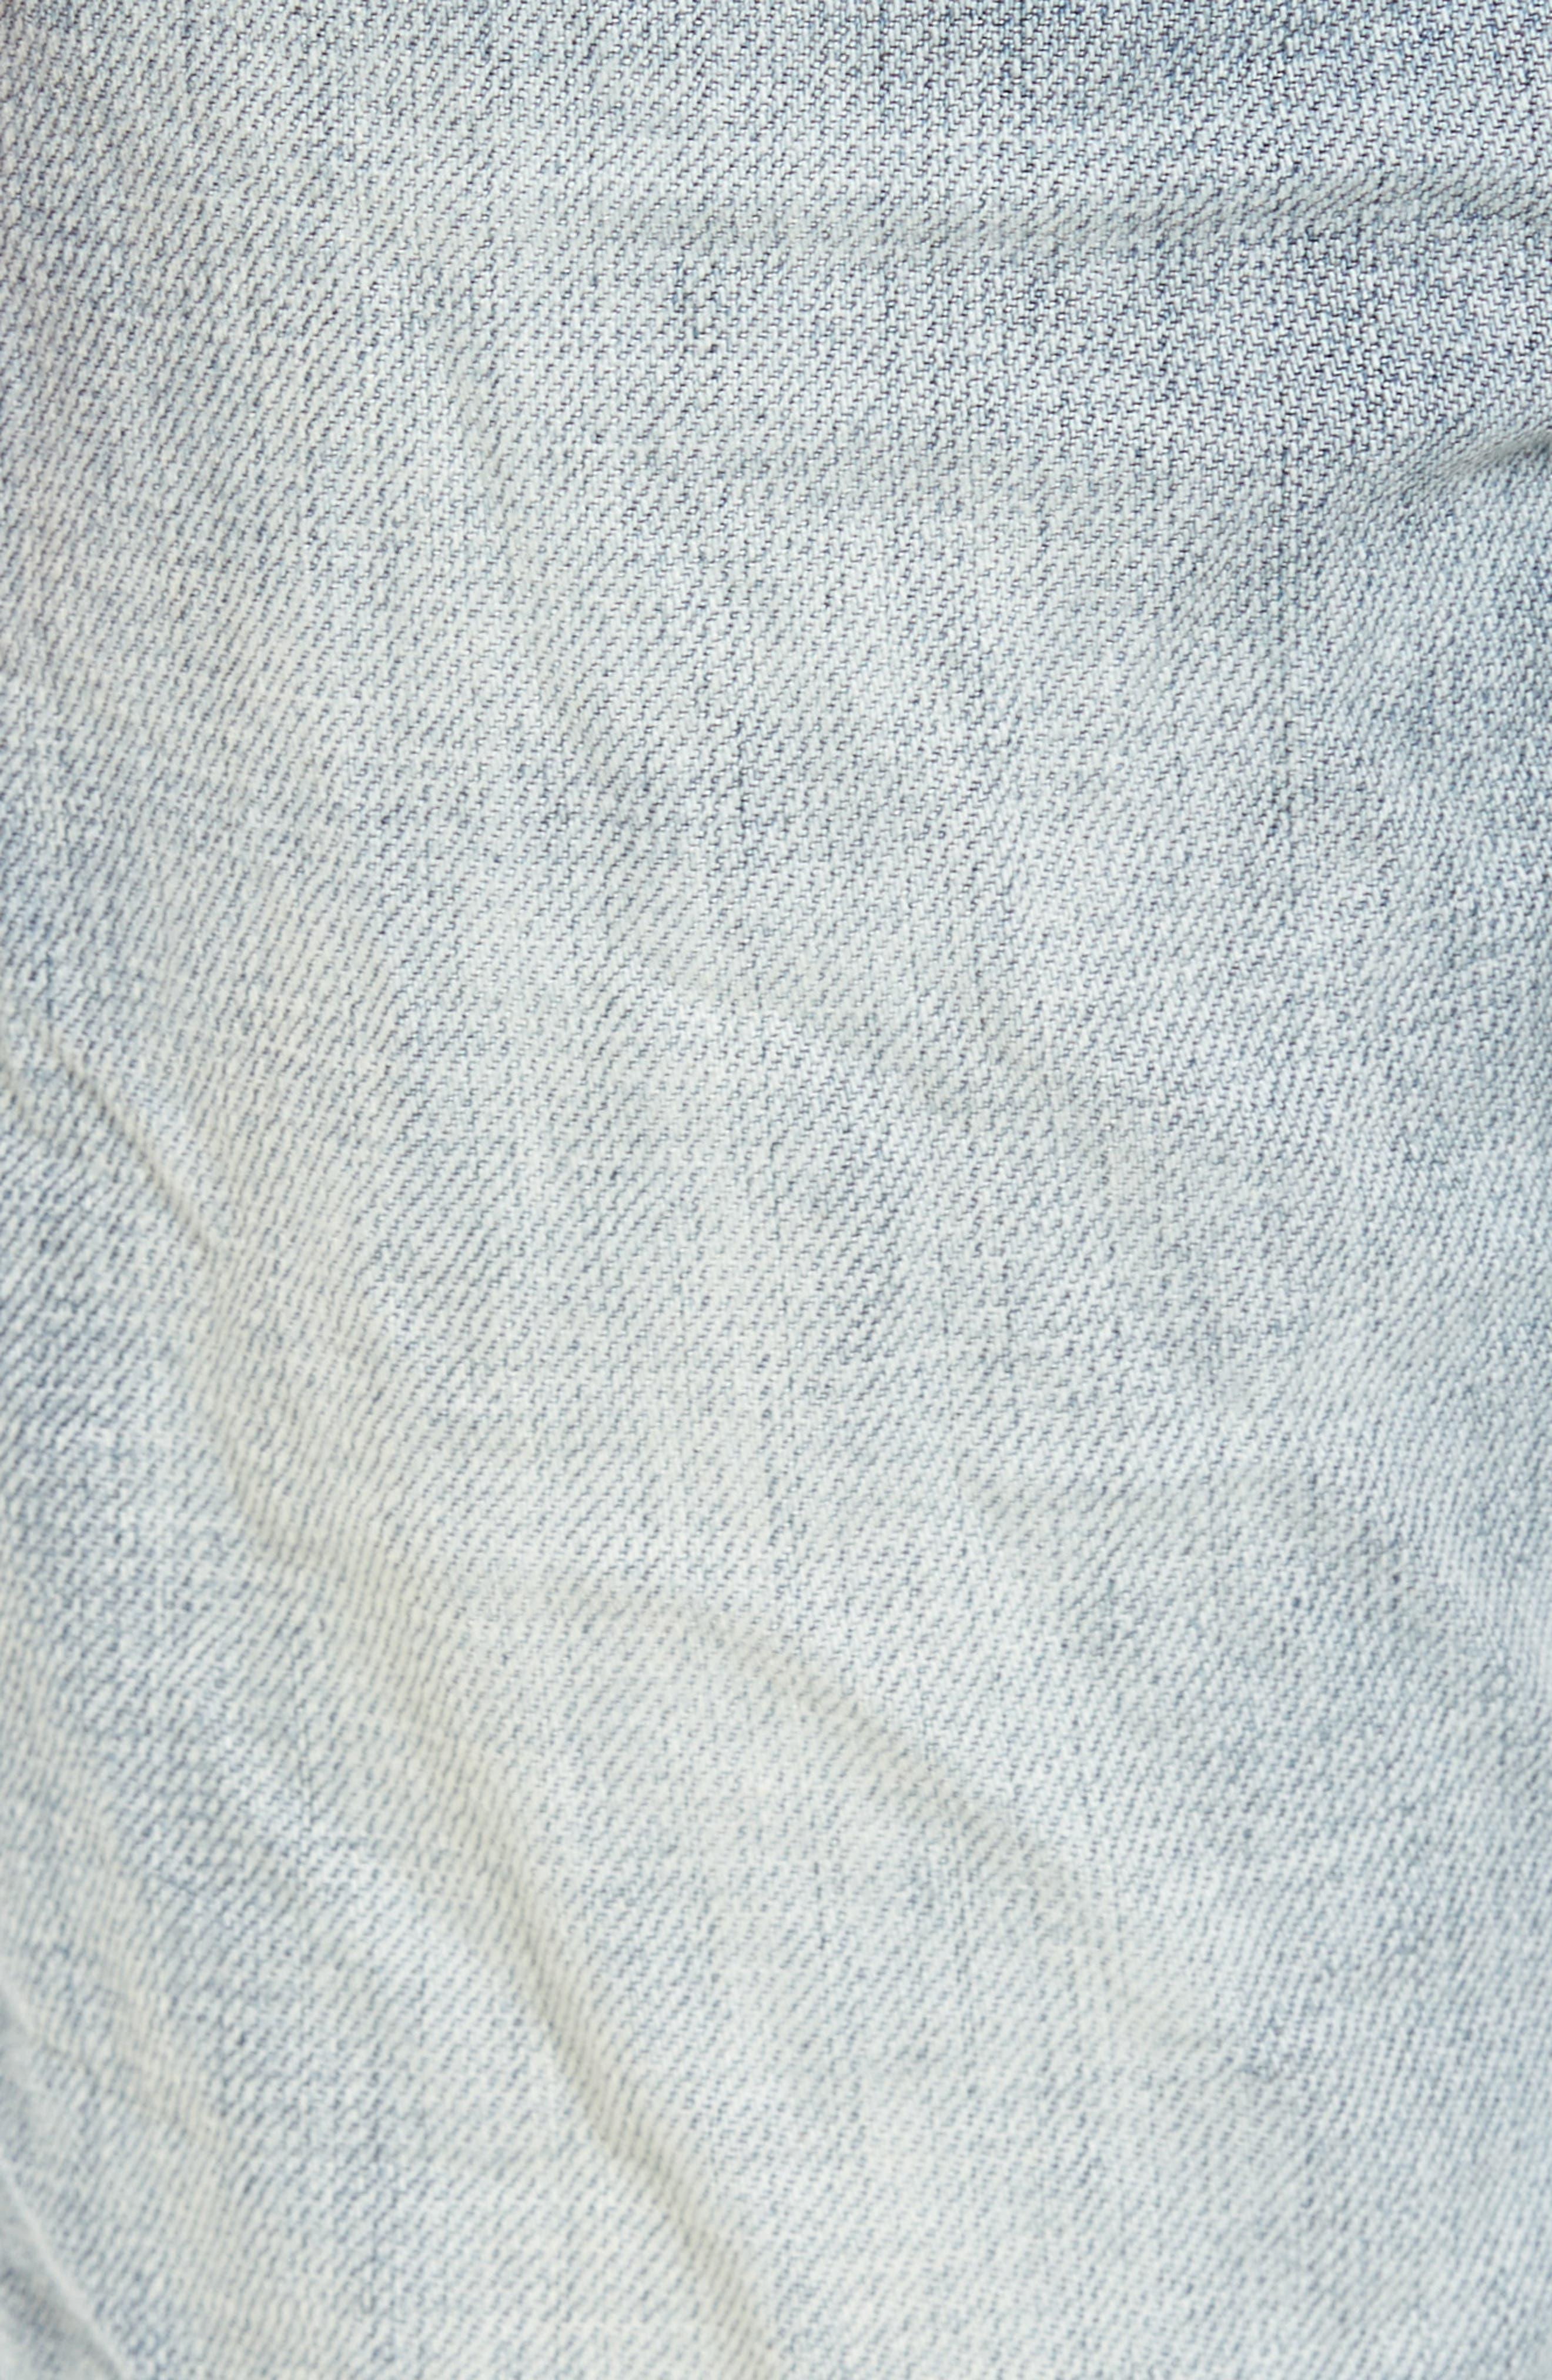 B.Line Crop Slim Fit Jeans,                             Alternate thumbnail 5, color,                             90S Stonewash